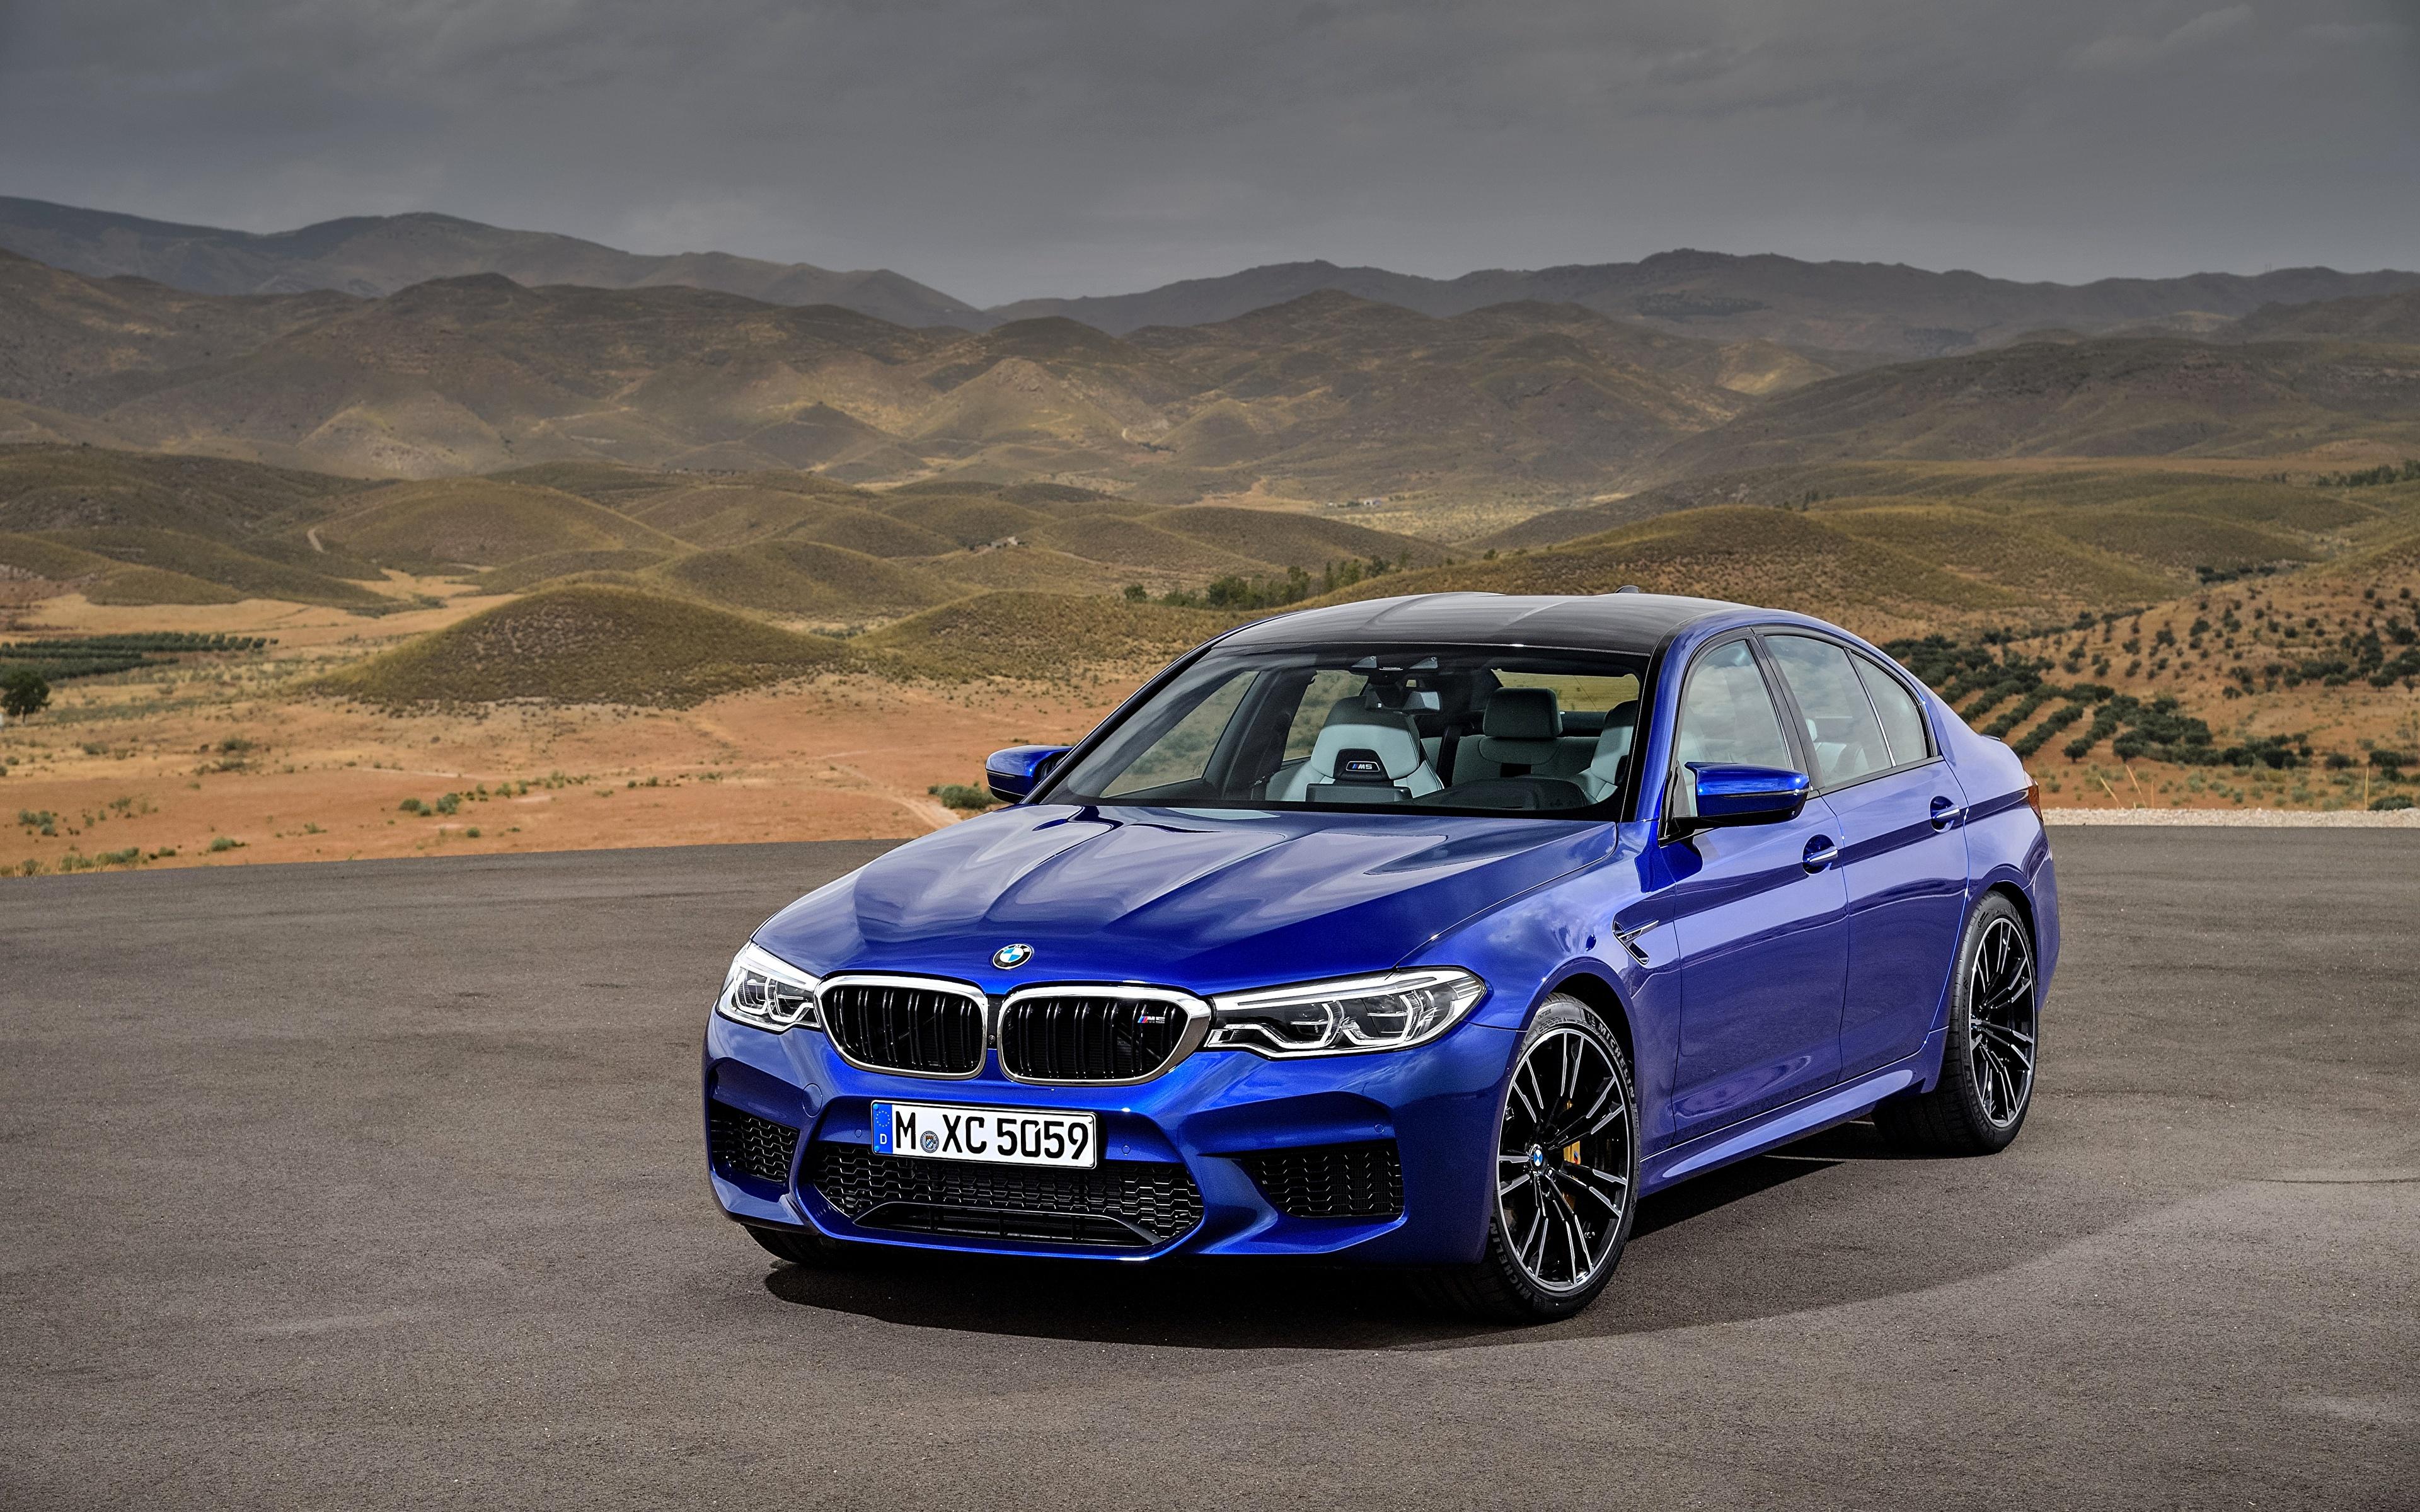 Фотография BMW M5 2017 M5 F90 синих Автомобили 3840x2400 БМВ синяя синие Синий авто машины машина автомобиль